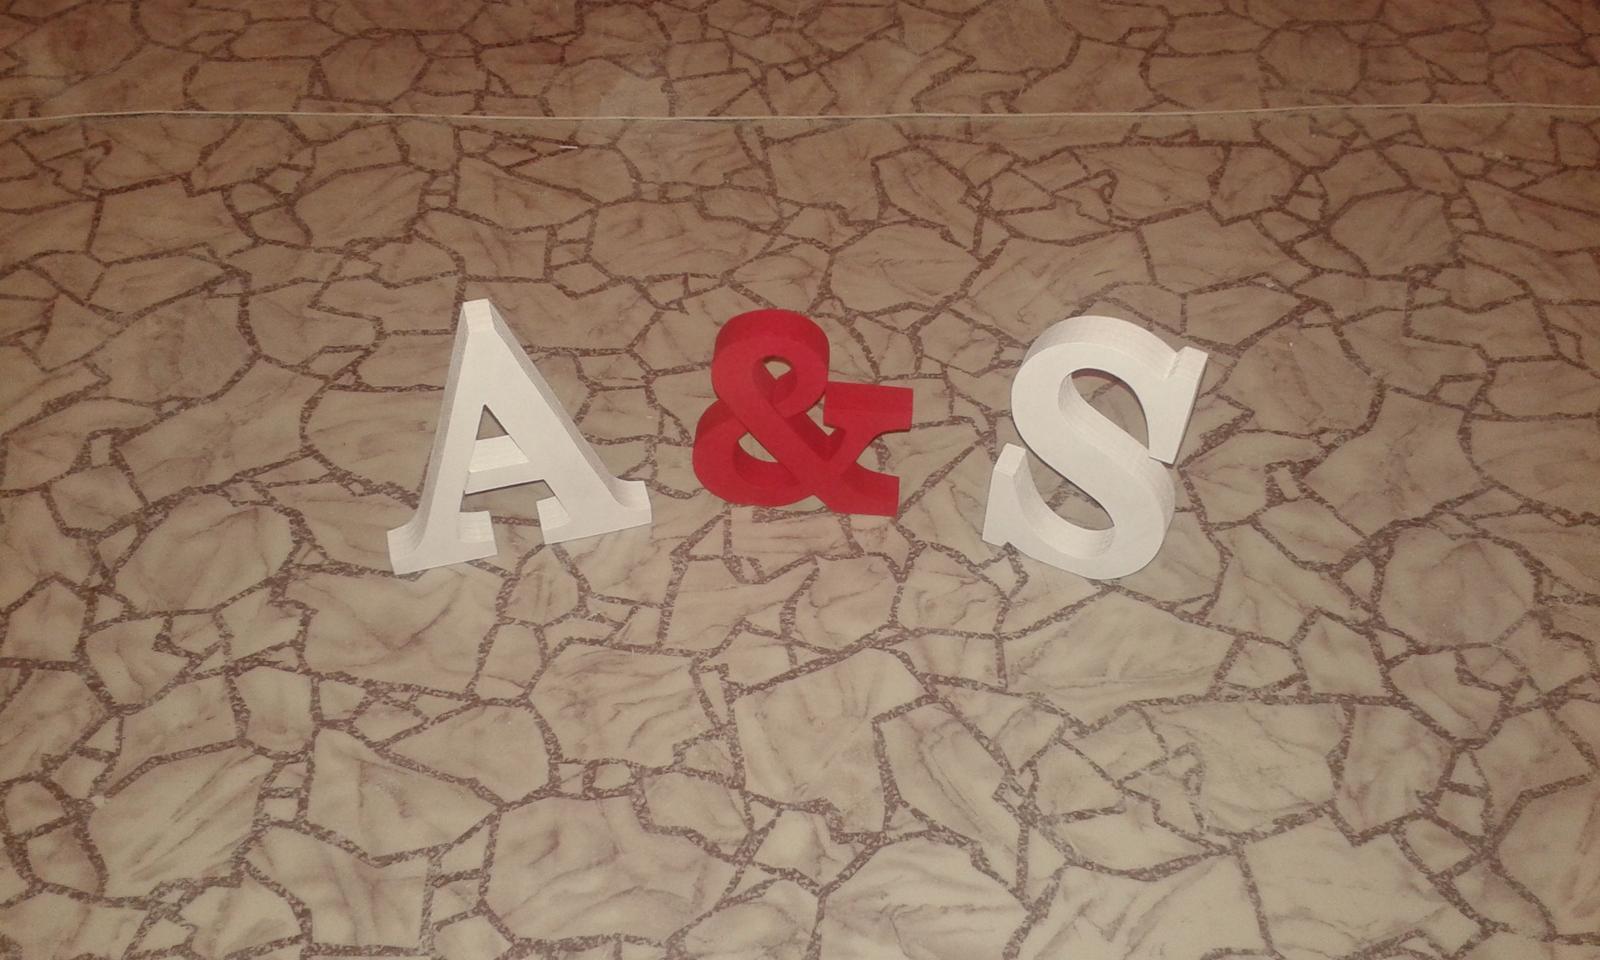 Chytila som svadobnú kyticu na kamarátkinej svadbe .... - Naše iniciály písmenko v strede je v skutočnosti ružové ☺